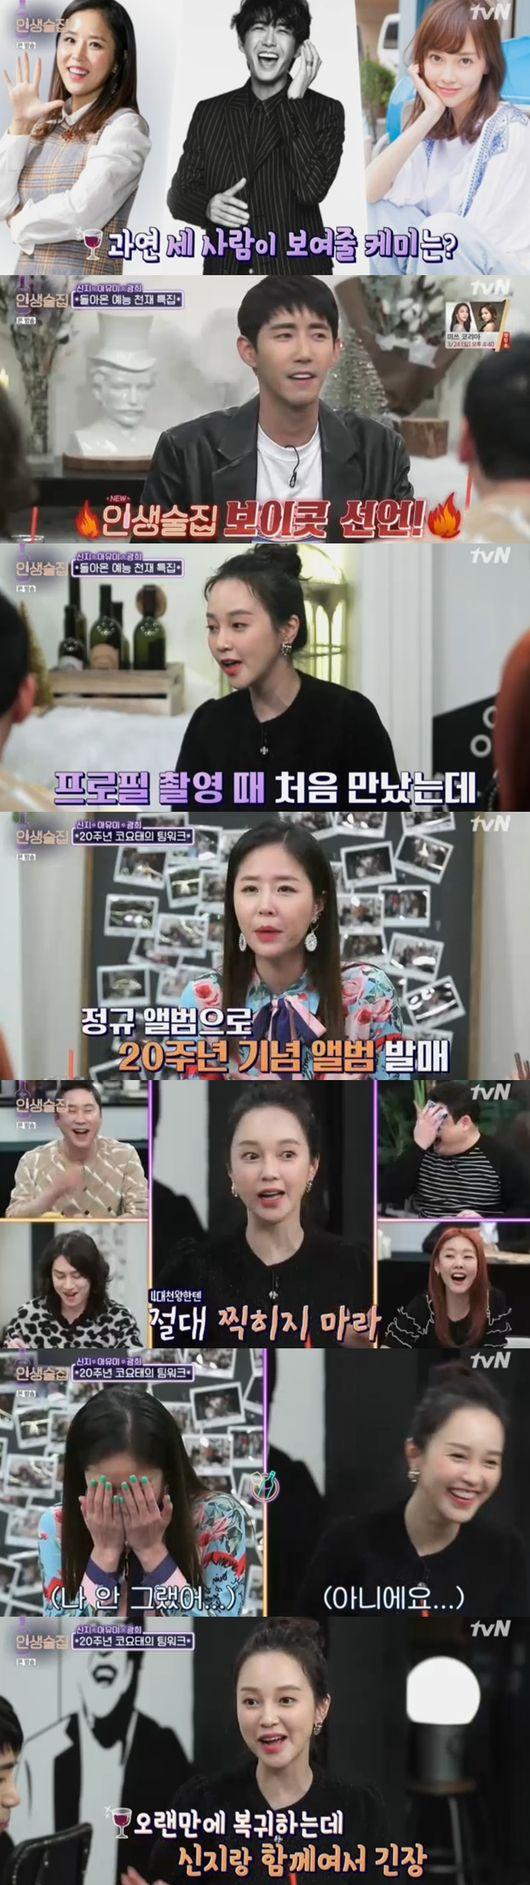 인생술집 아유미X황광희X신지, 돌아온 예능천재 케미 (ft.육혜승) [종합]